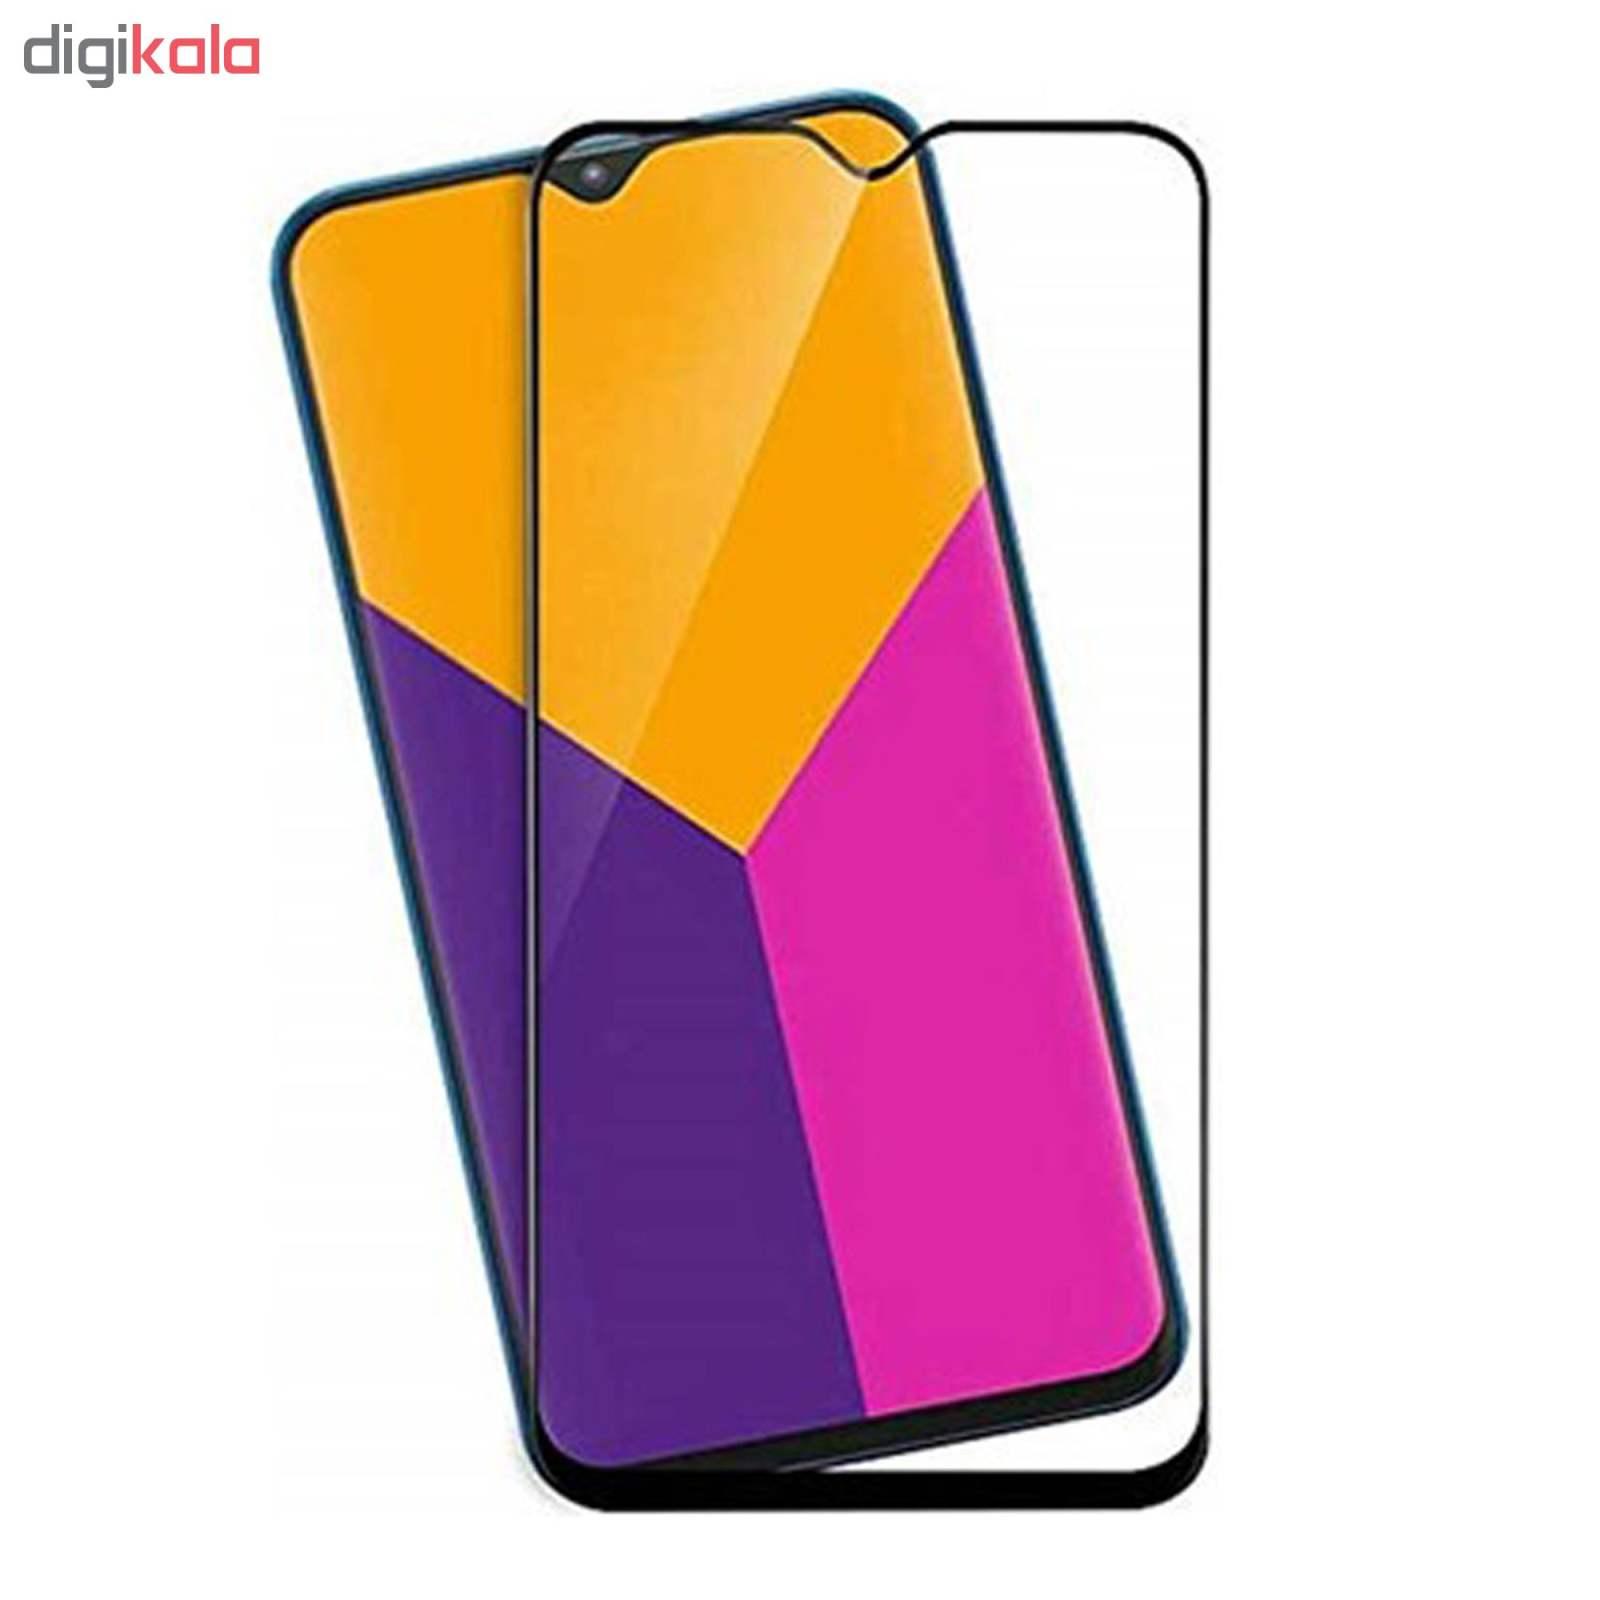 محافظ صفحه نمایش مدل BK مناسب برای گوشی موبایل سامسونگ Galaxy A50/A30/M30 main 1 3